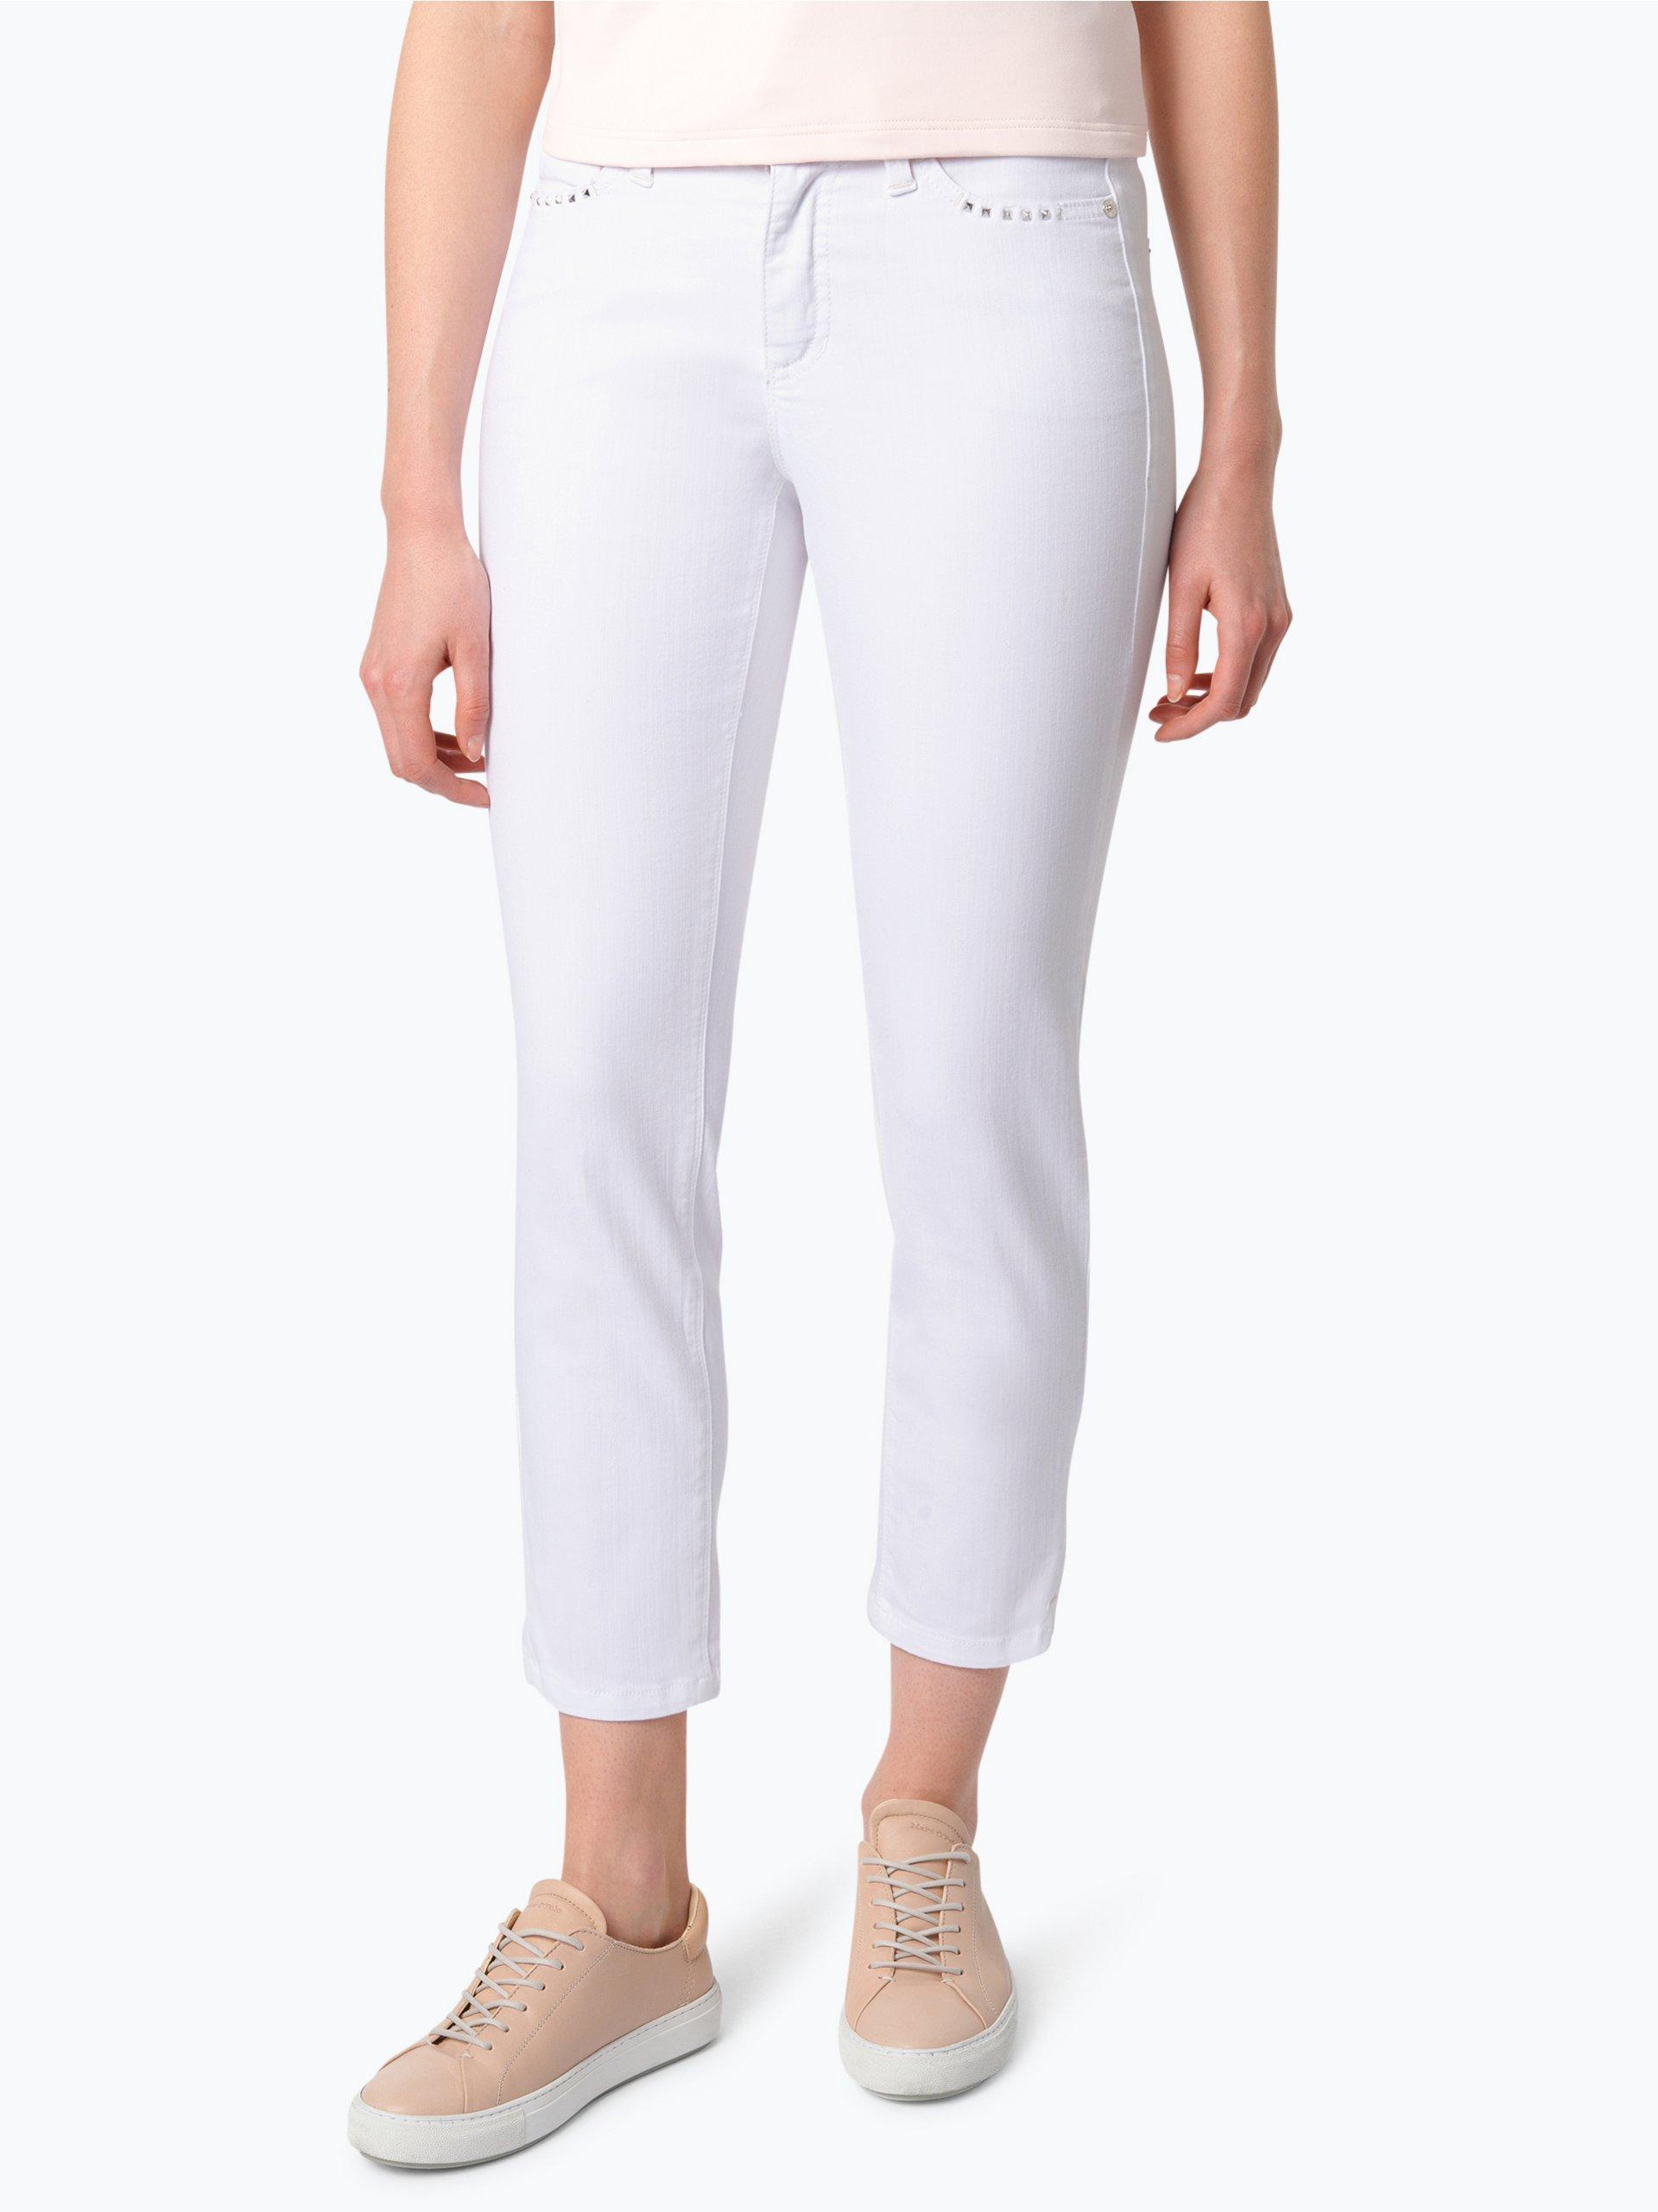 Cambio Damen Jeans - Piper Short